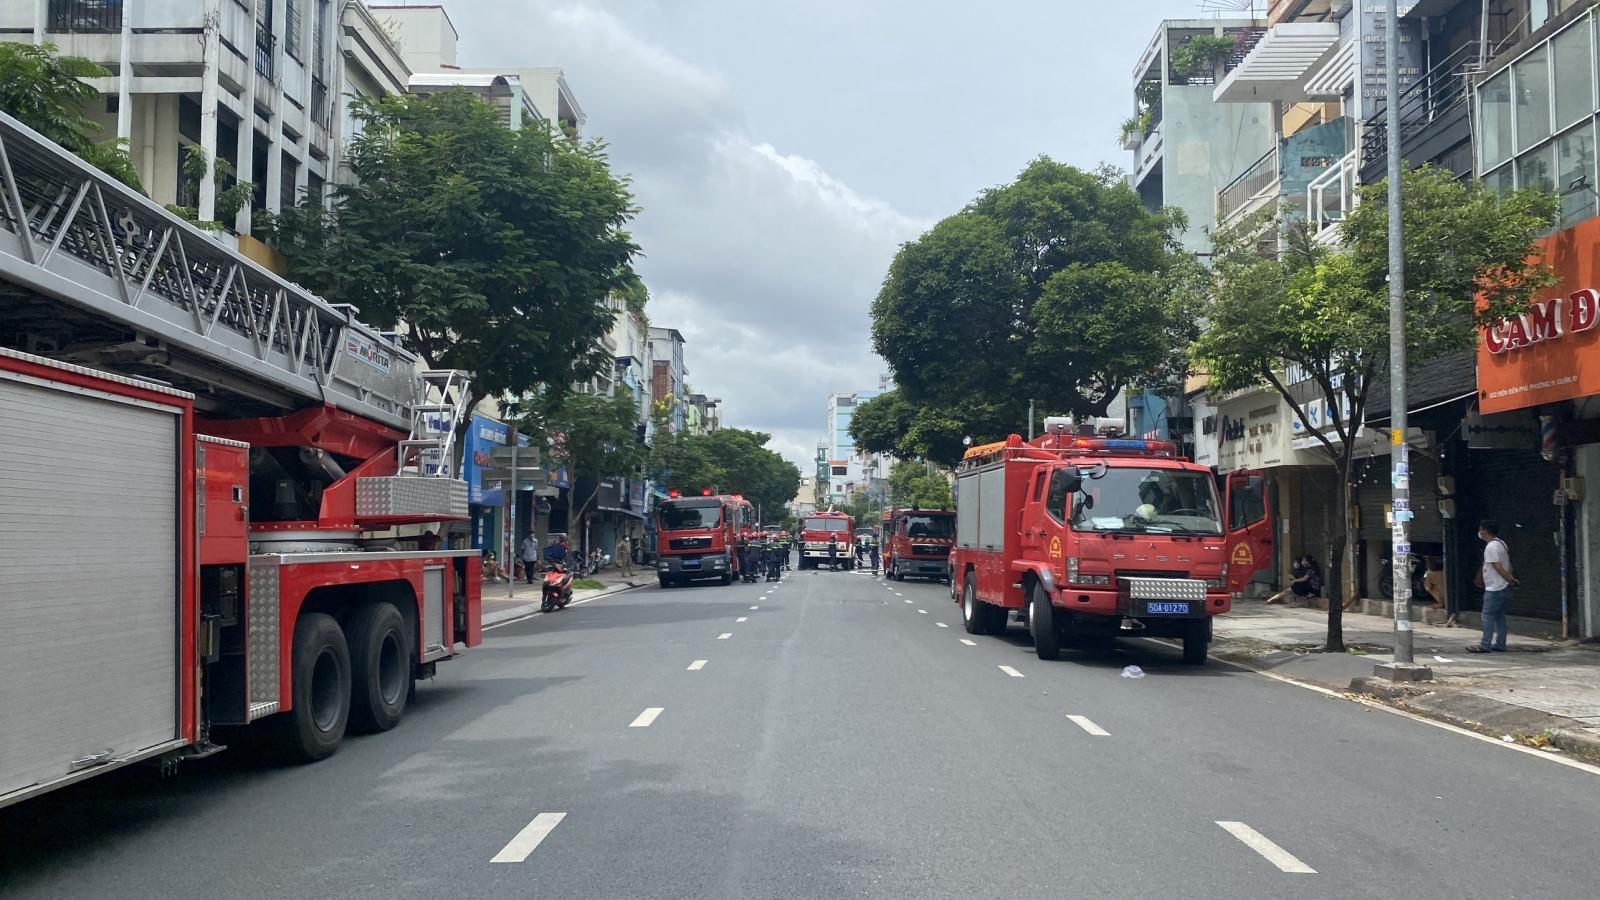 Cháy nhà trong hẻm ở TP.HCM, nhiều người mắc kẹt được giải cứu